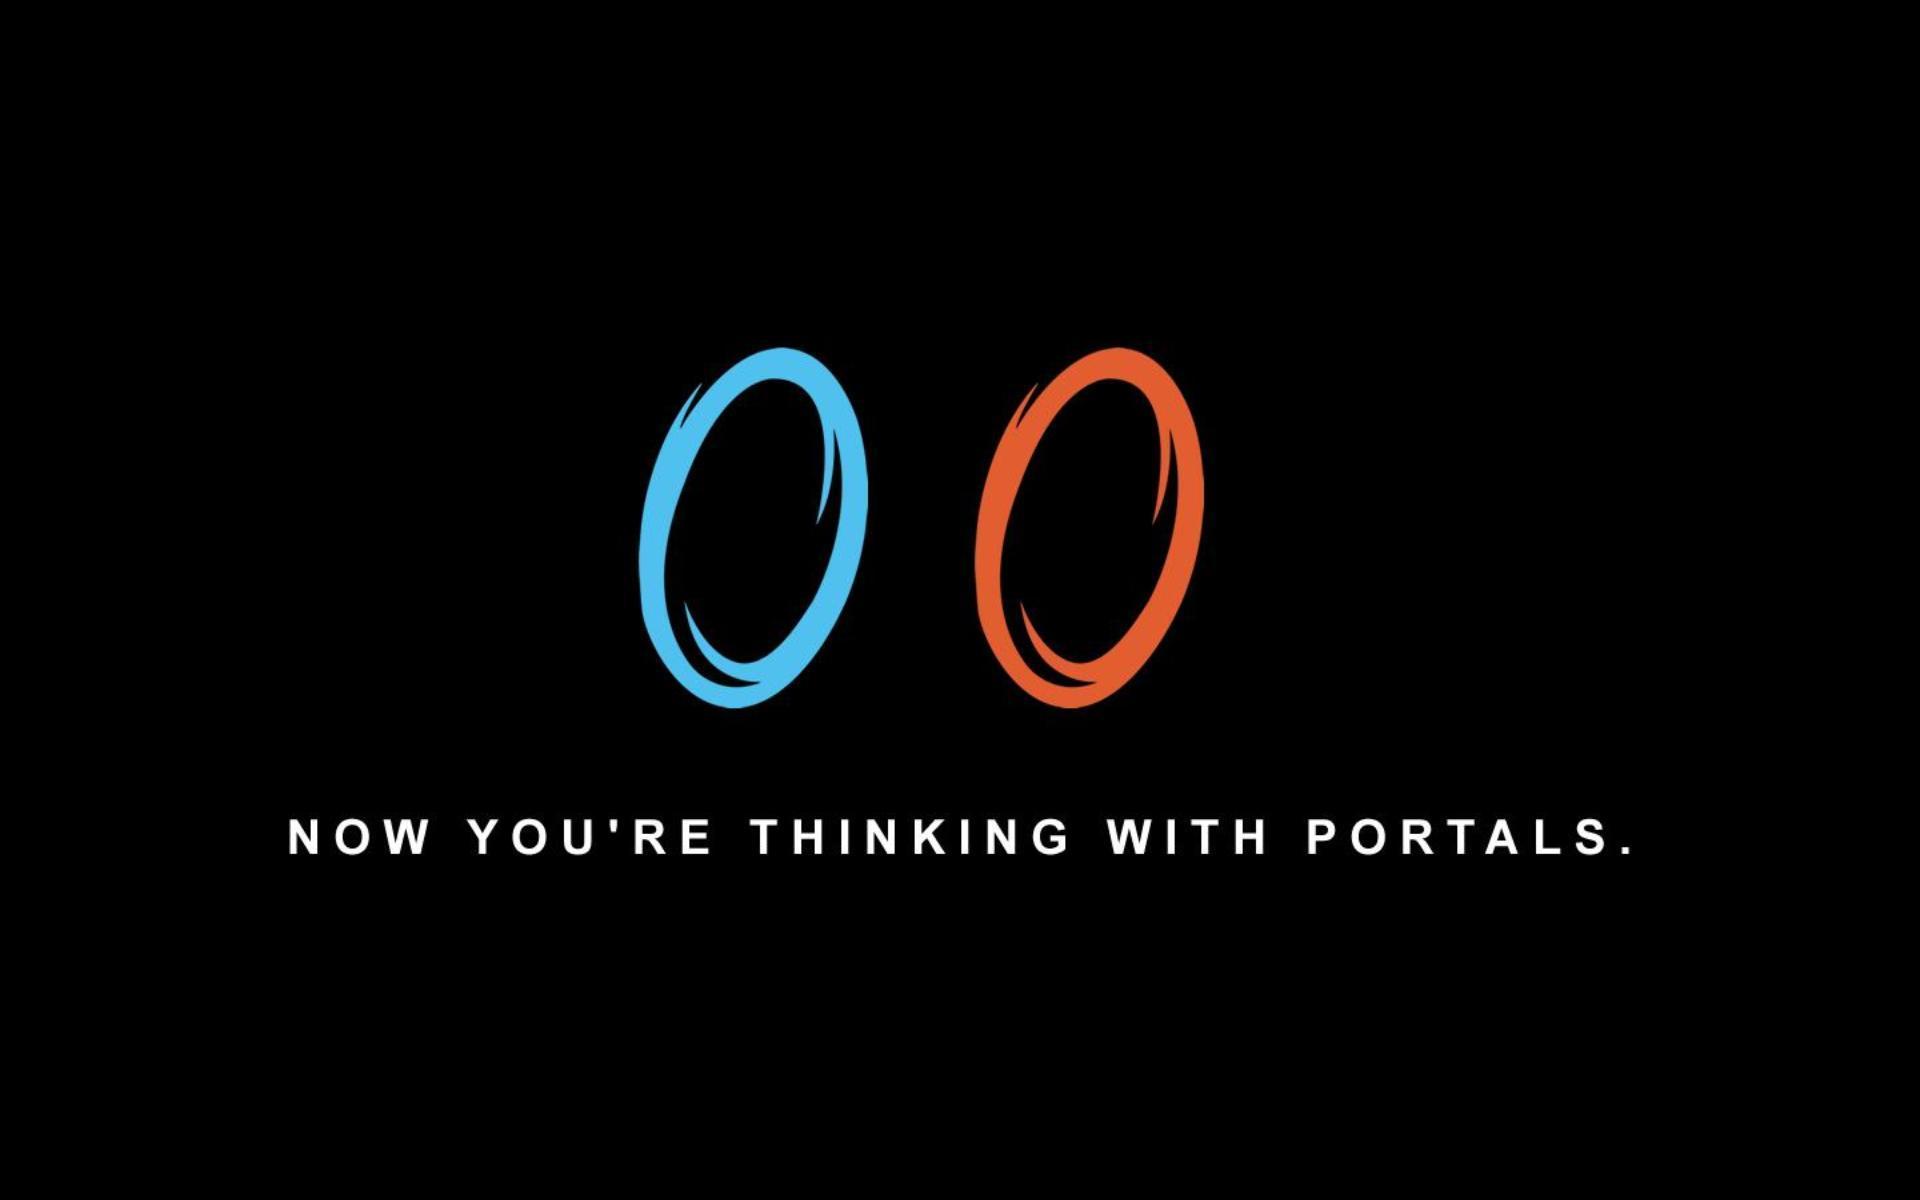 portal desktop background